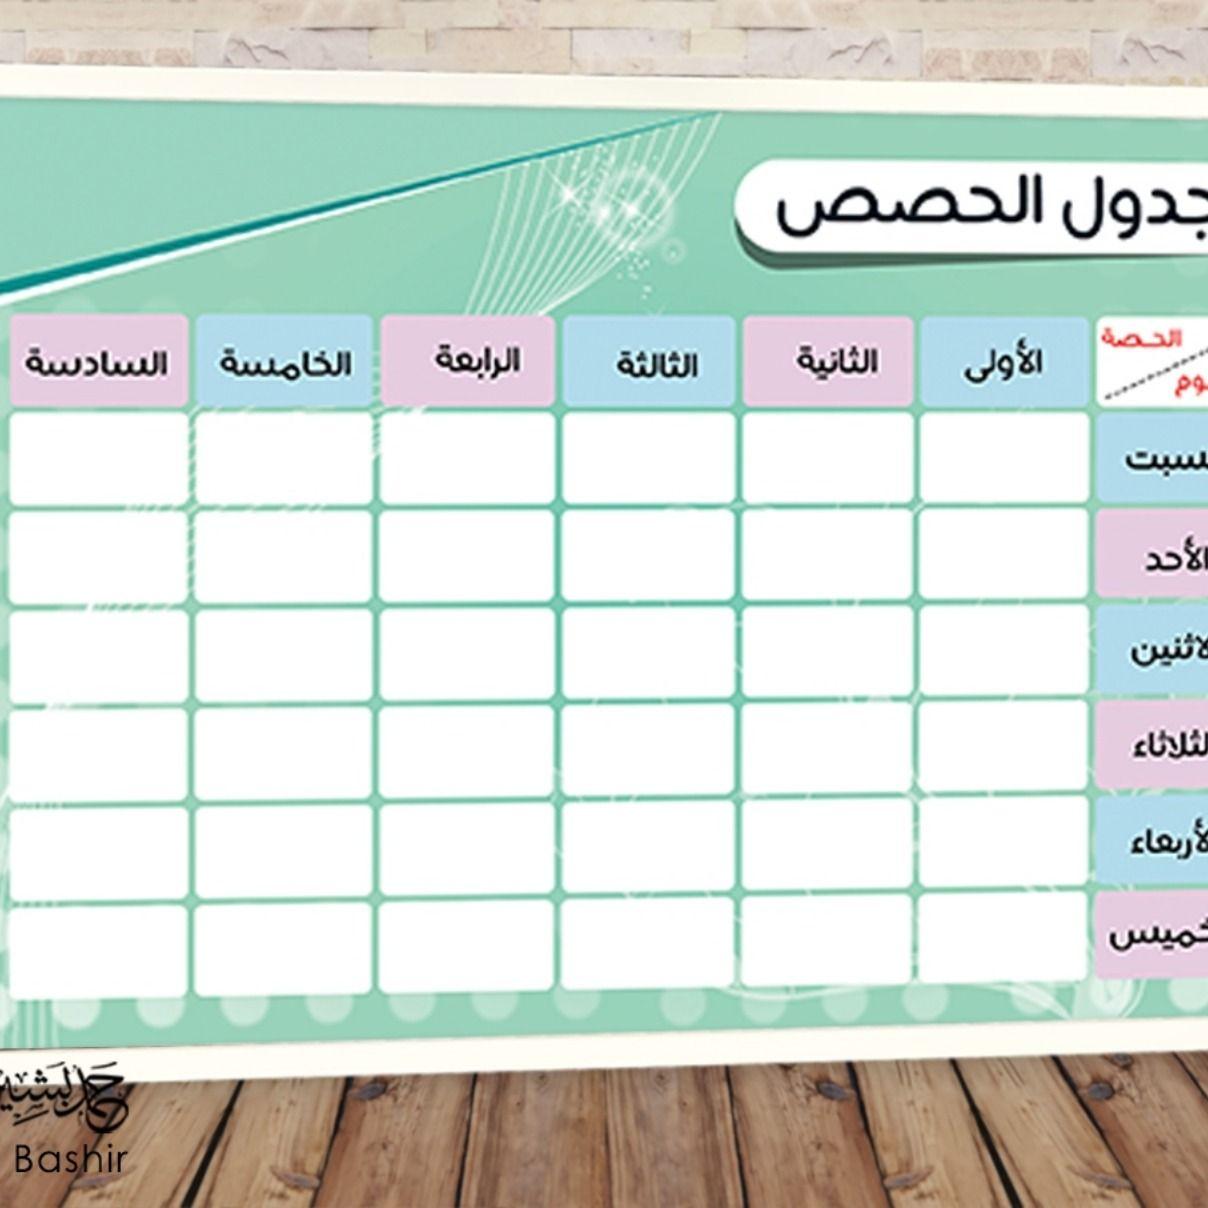 جدول حصص الاسبوعي المدرسي جاهز للطباعة شكل 2 Map Map Screenshot